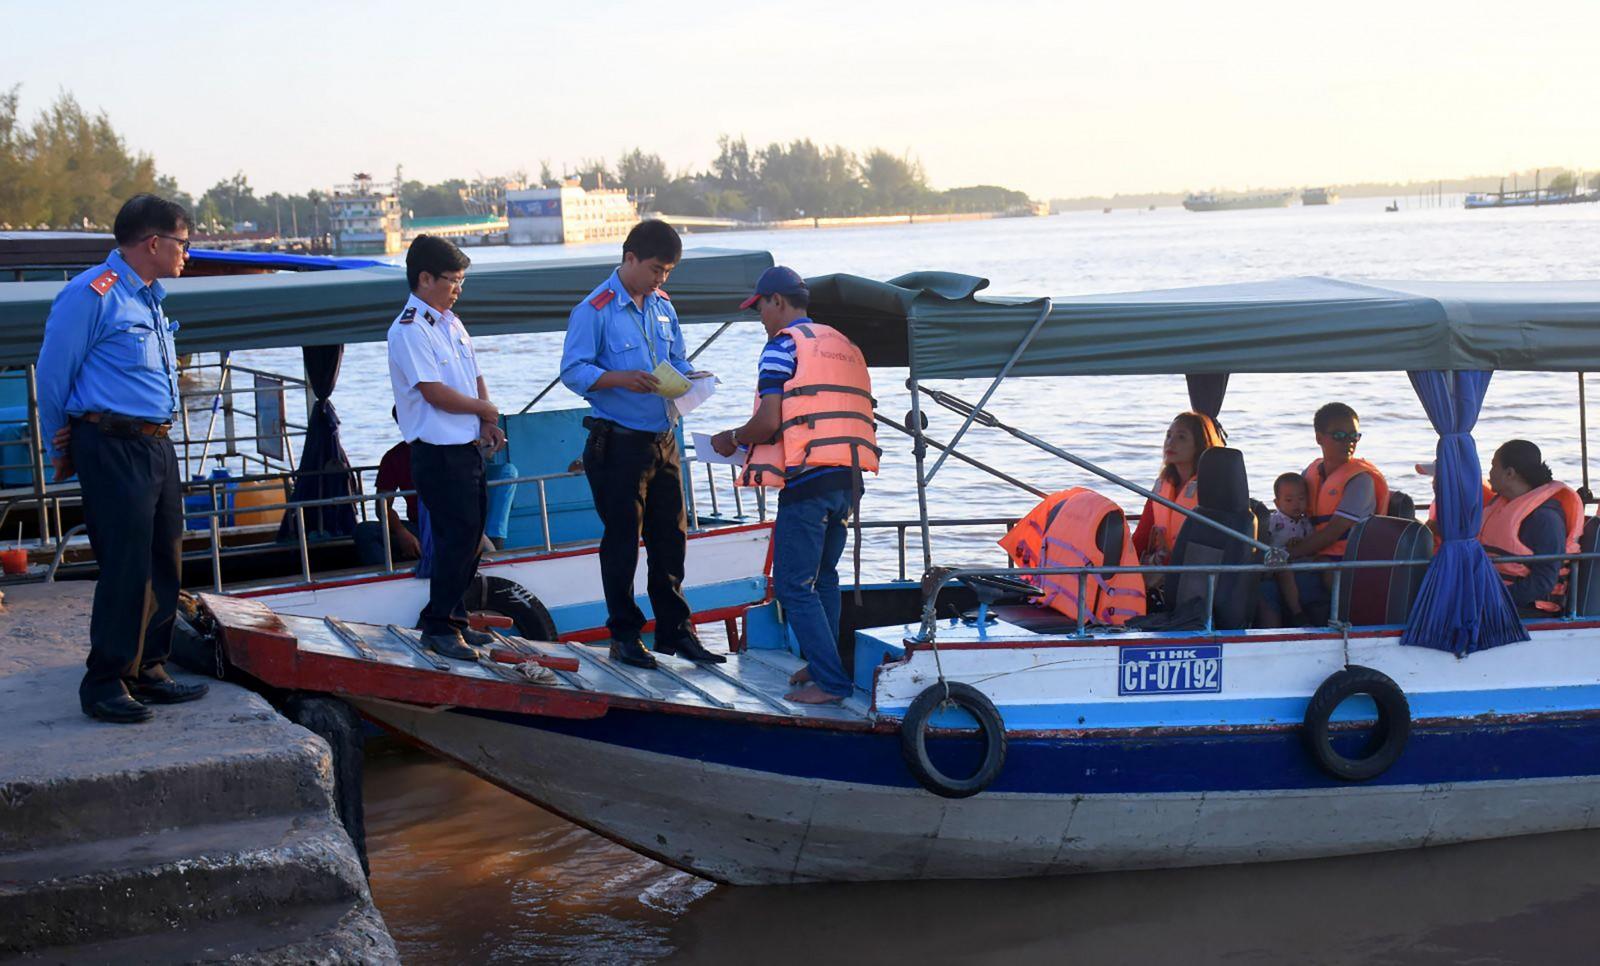 Thanh tra Sở GTVT TP Cần Thơ tăng cường phối hợp với Cảng vụ ĐTNĐ khu vực IV kiểm tra hoạt động các tàu du lịch tại bến tàu du lịch Bến Ninh Kiều. Ảnh: XUÂN ĐÀO